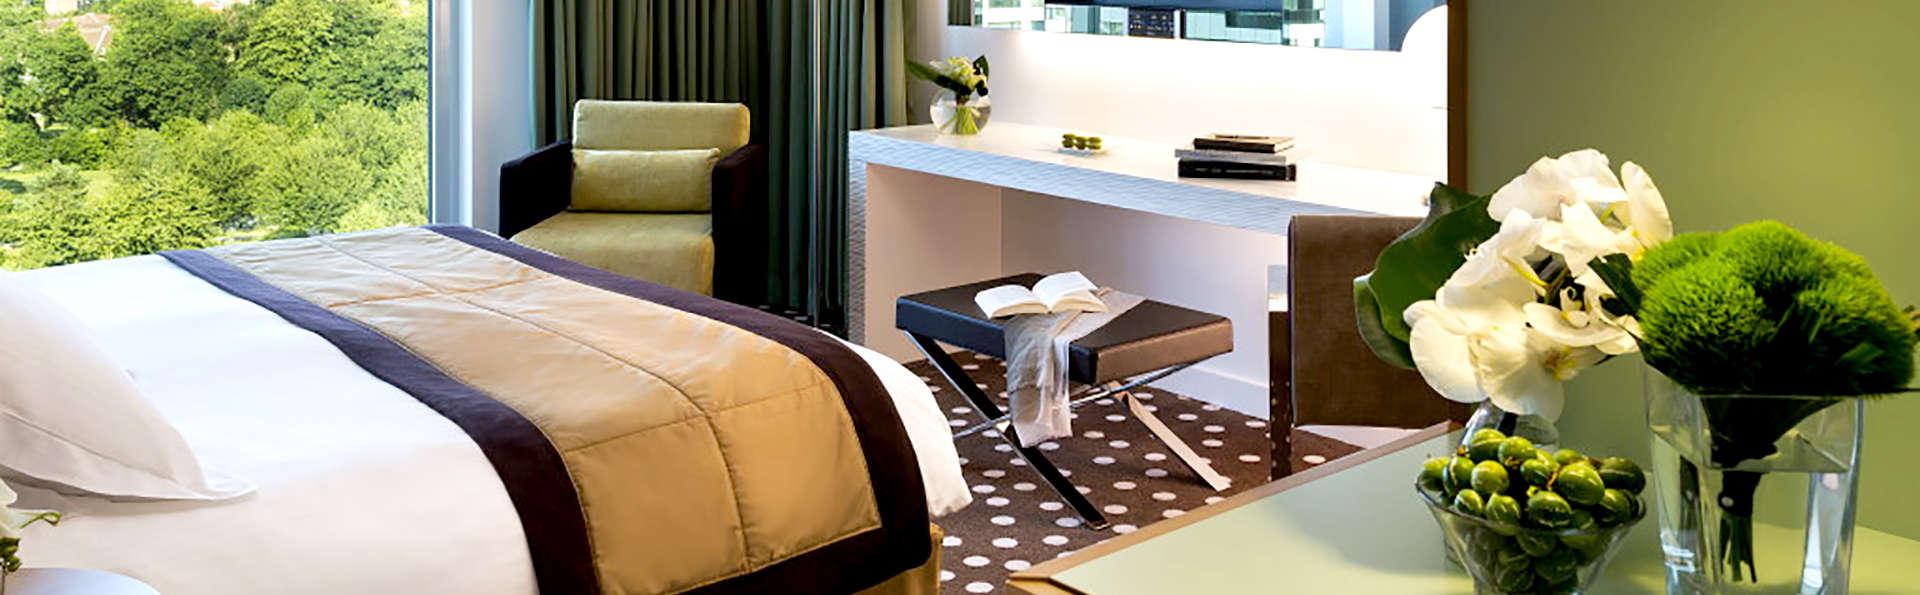 Week-end détente en chambre Deluxe à Lille (Non annulable, non remboursable)